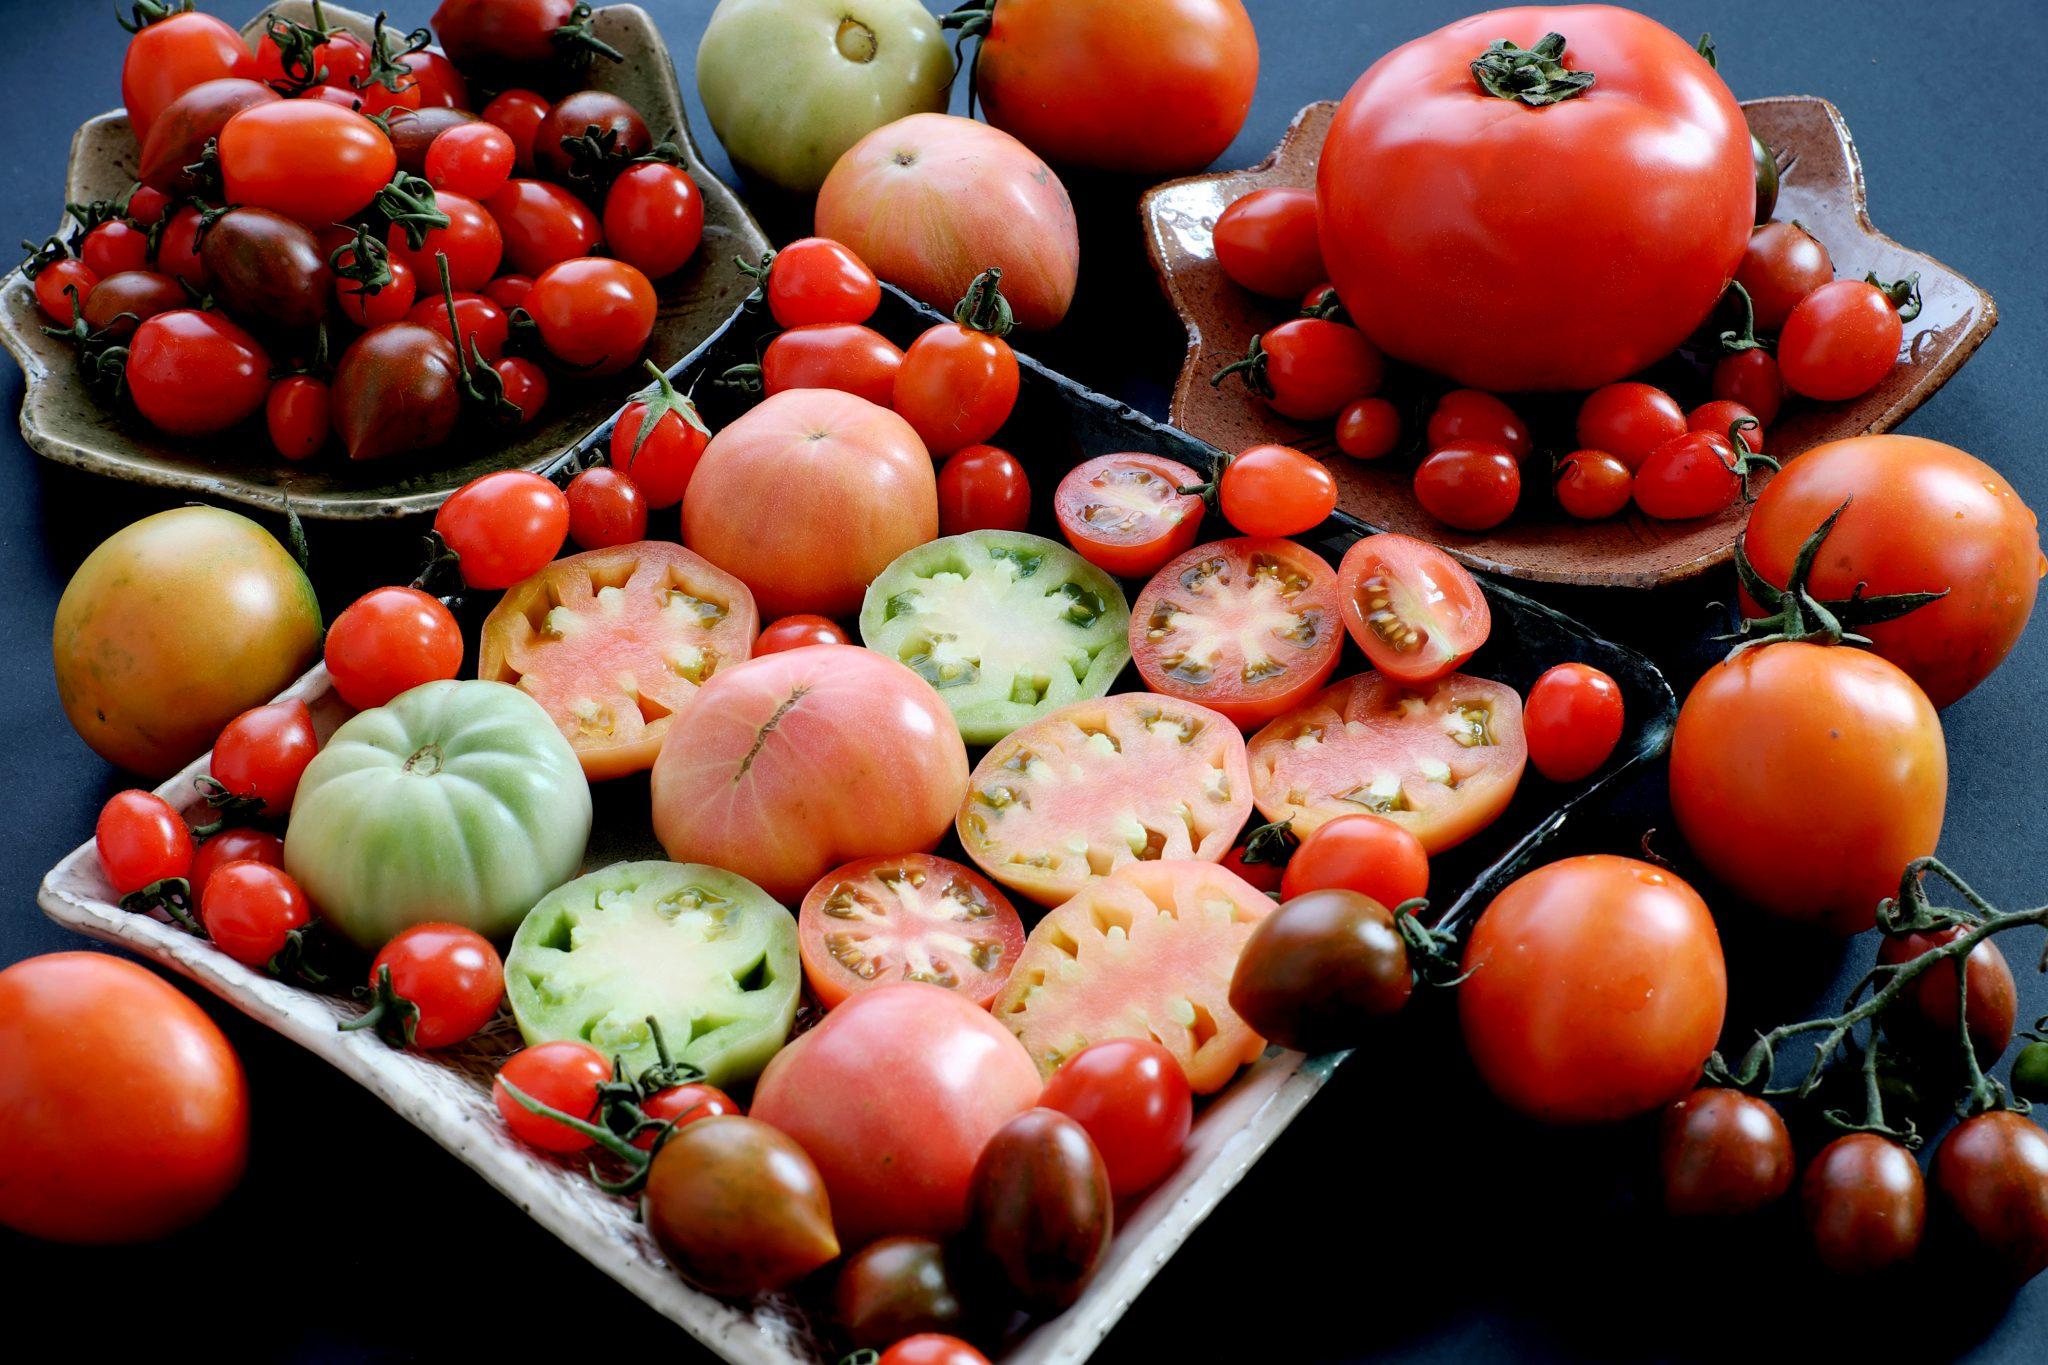 生食用、料理用、加工食品用のトマト一覧